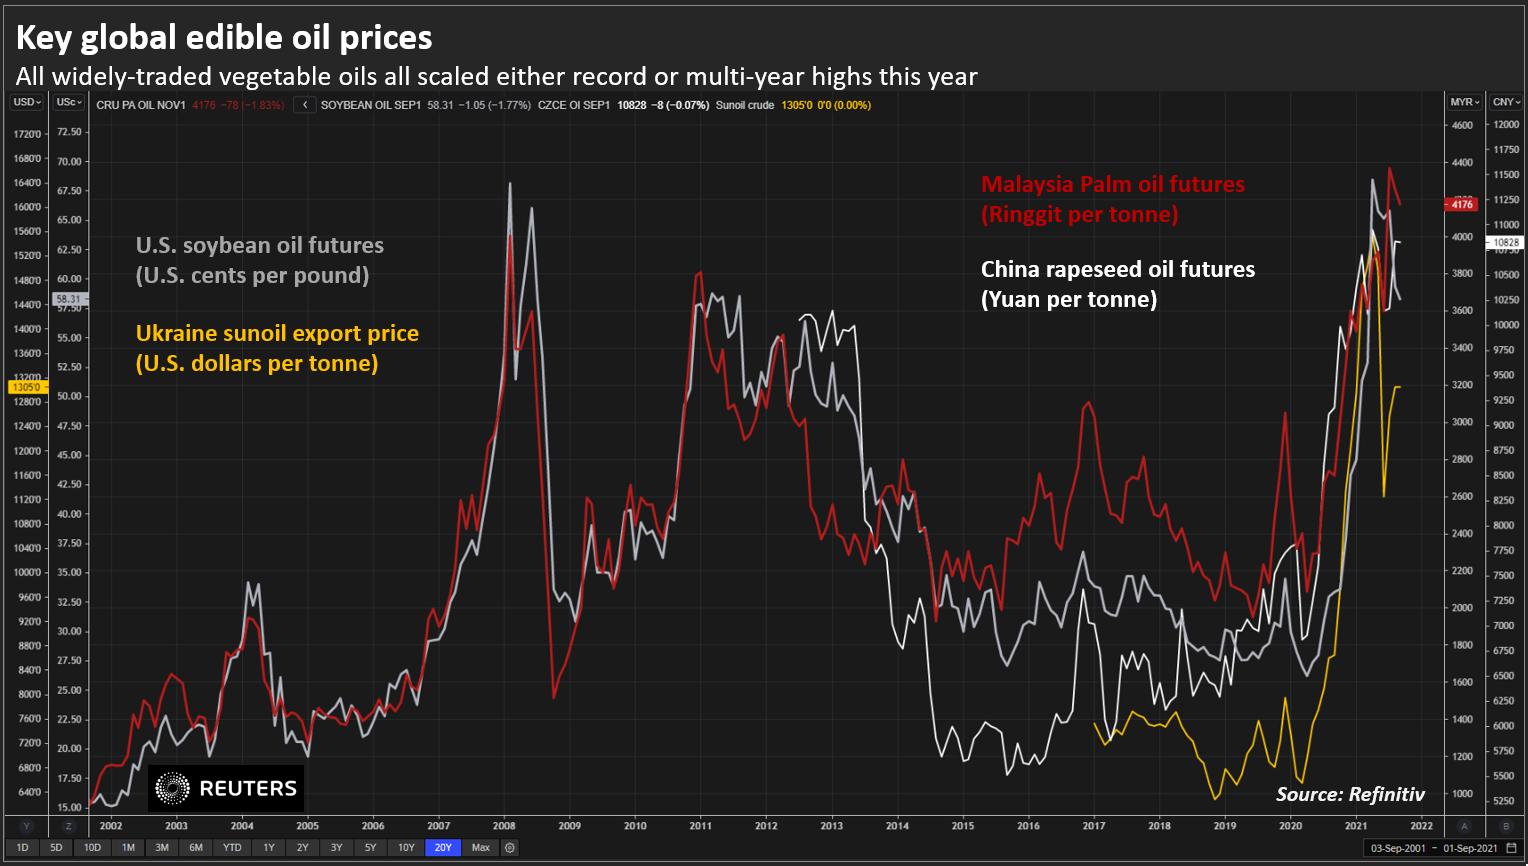 Principales precios mundiales del aceite comestible